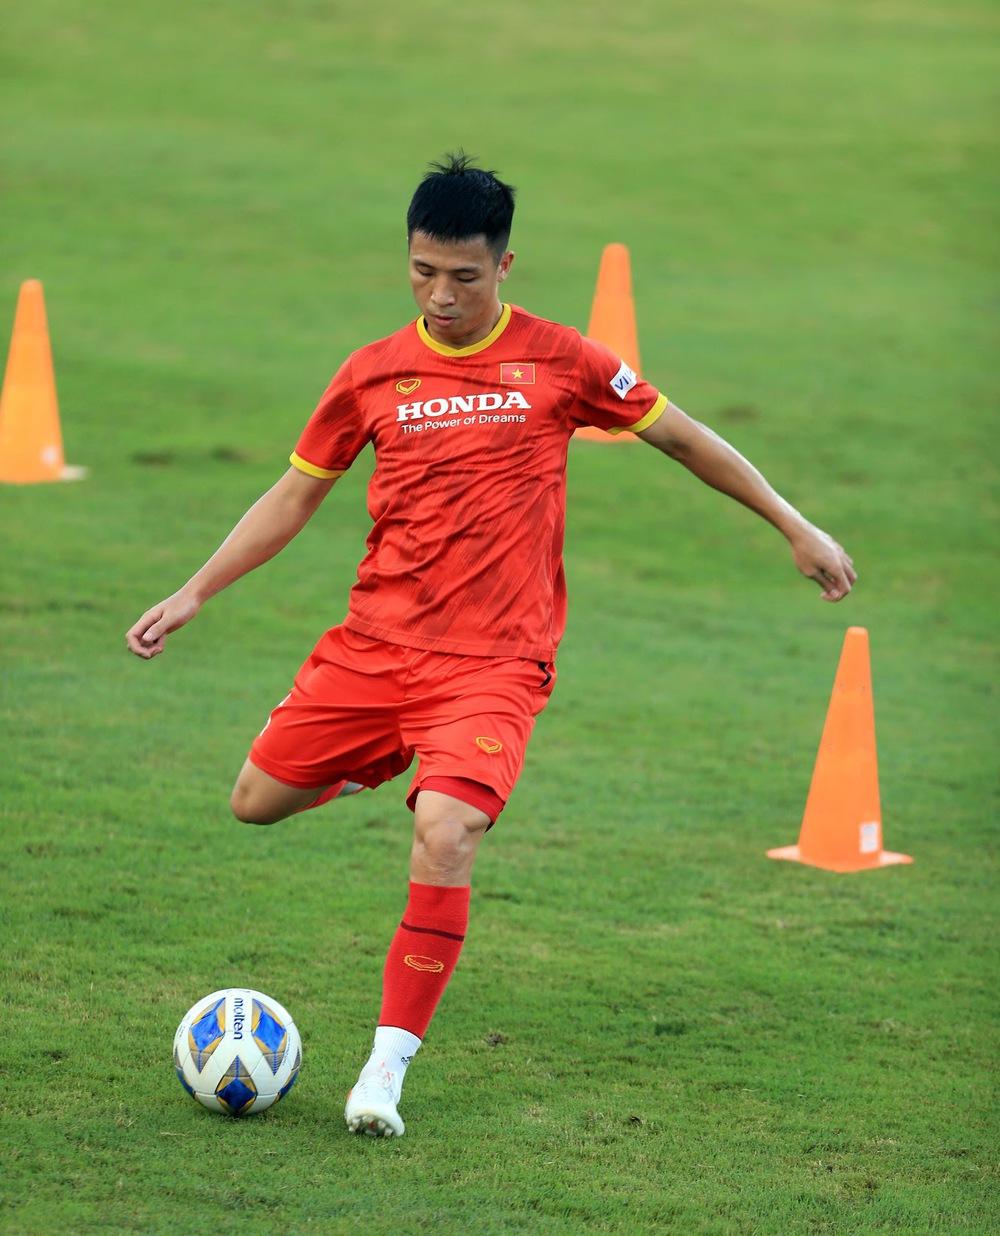 Thêm một cầu thủ U22 được bổ sung lên đội tuyển Việt Nam cho chiến dịch Vòng loại World Cup 2022 - Ảnh 16.